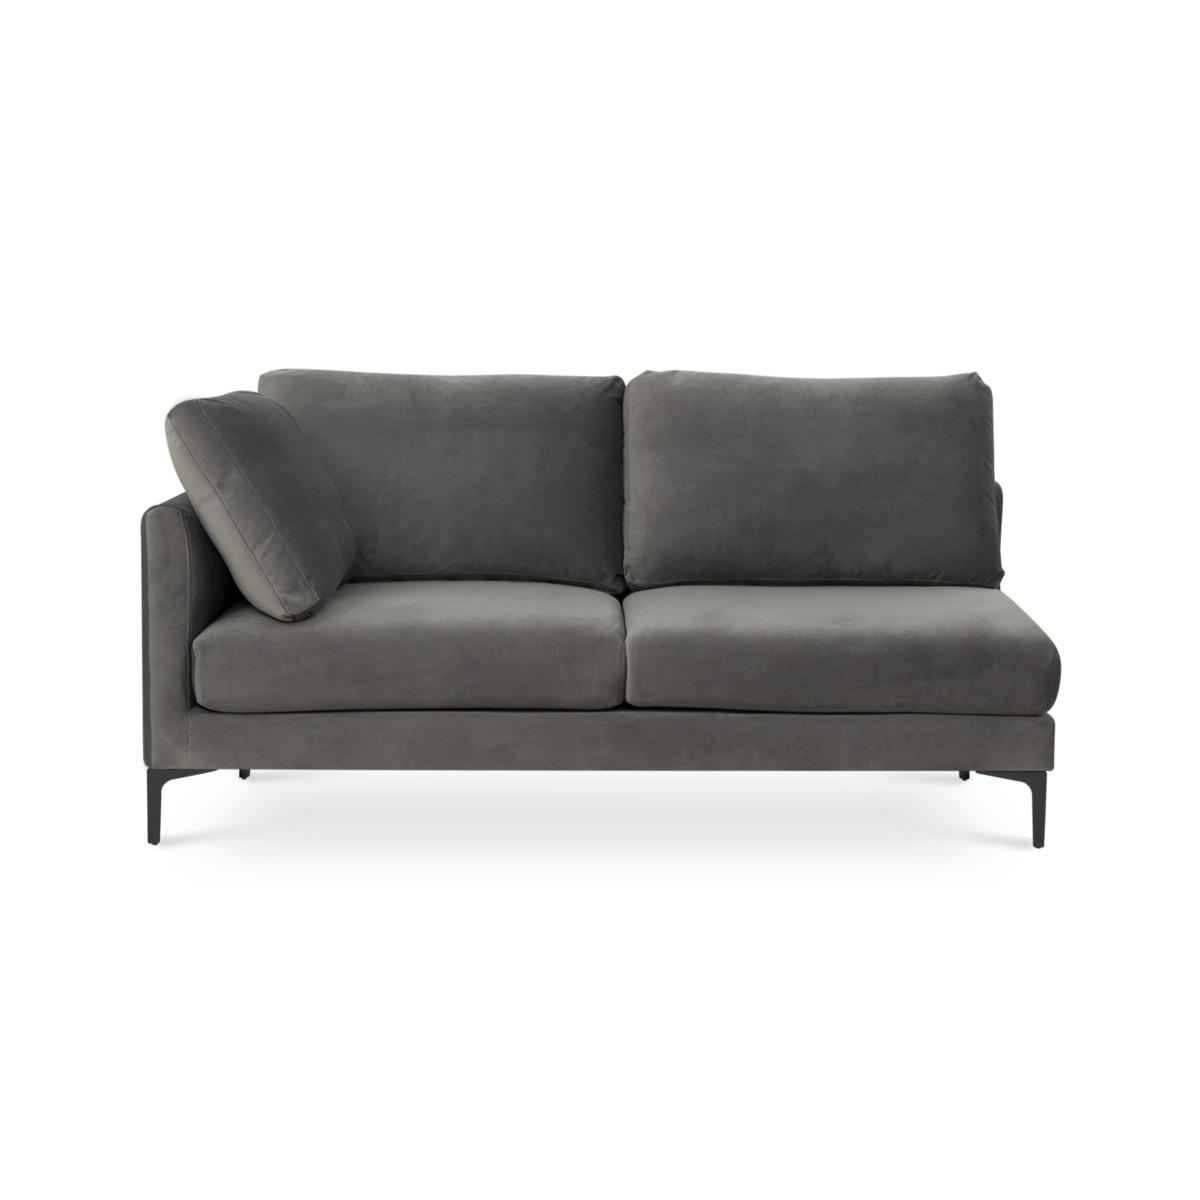 Adams 2-Seater Left Facing, Fog Grey Velvet (Black Leg)